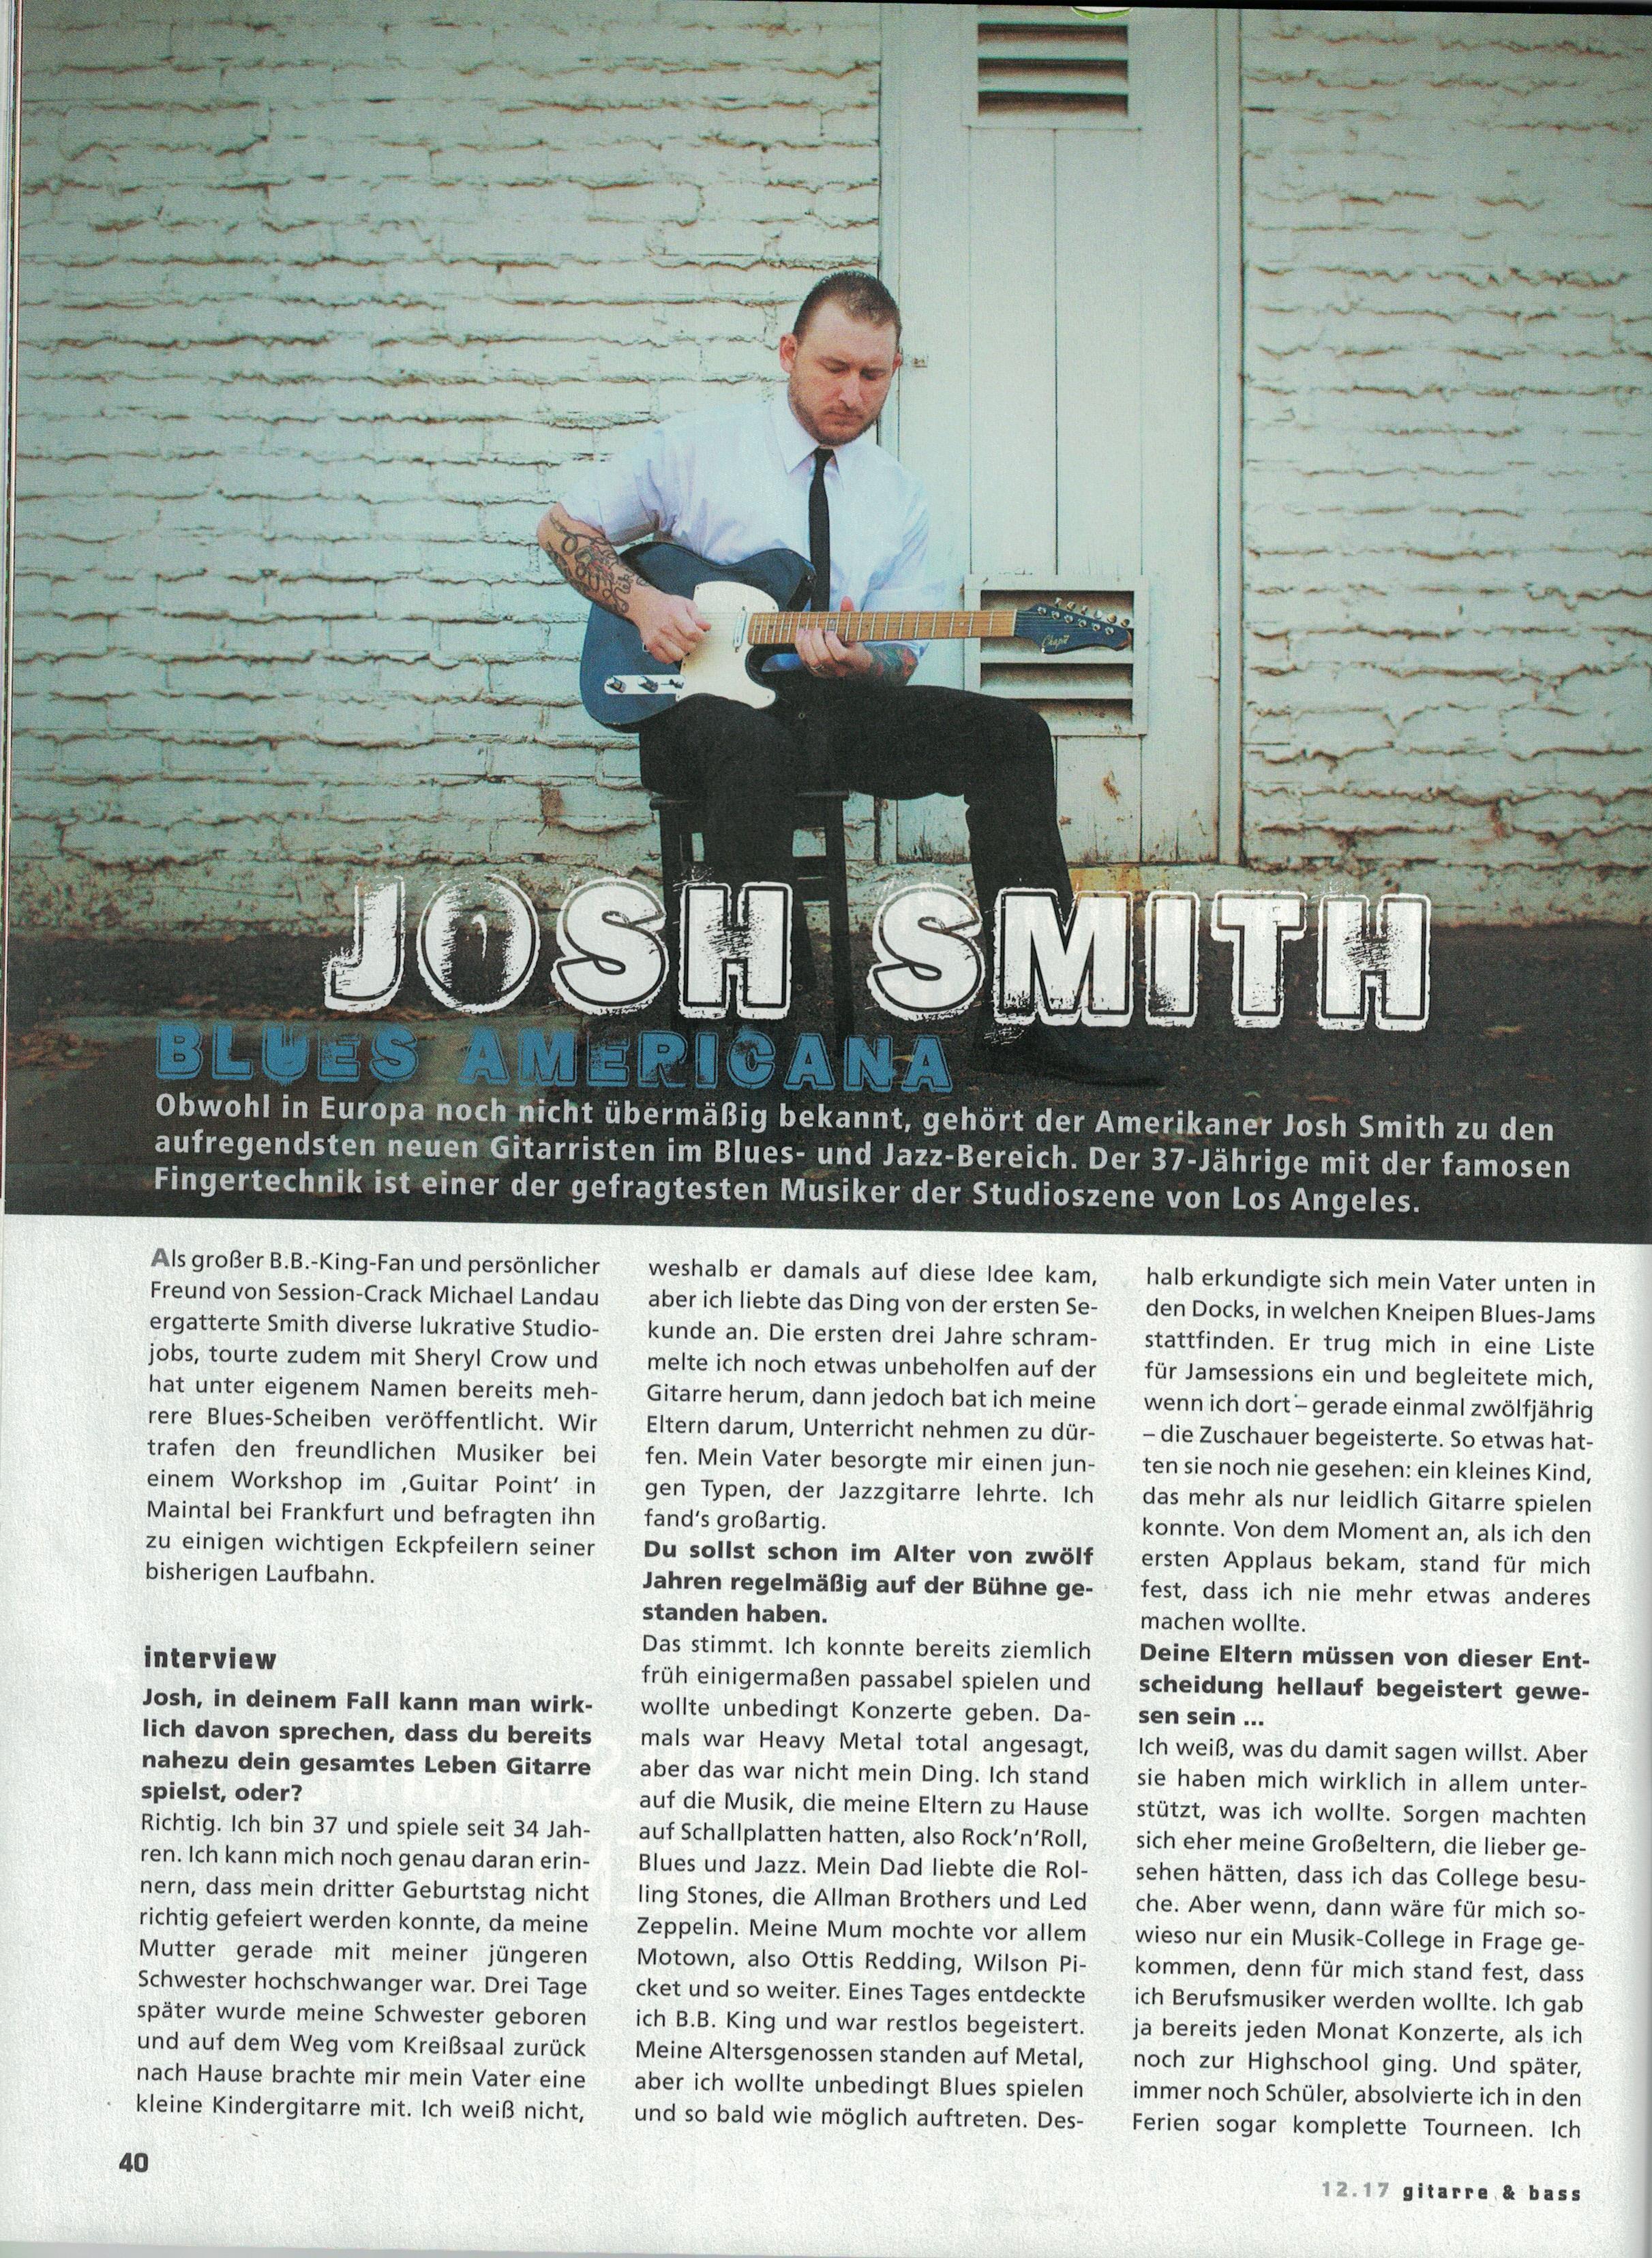 Gitarre & Bass page 1.jpeg